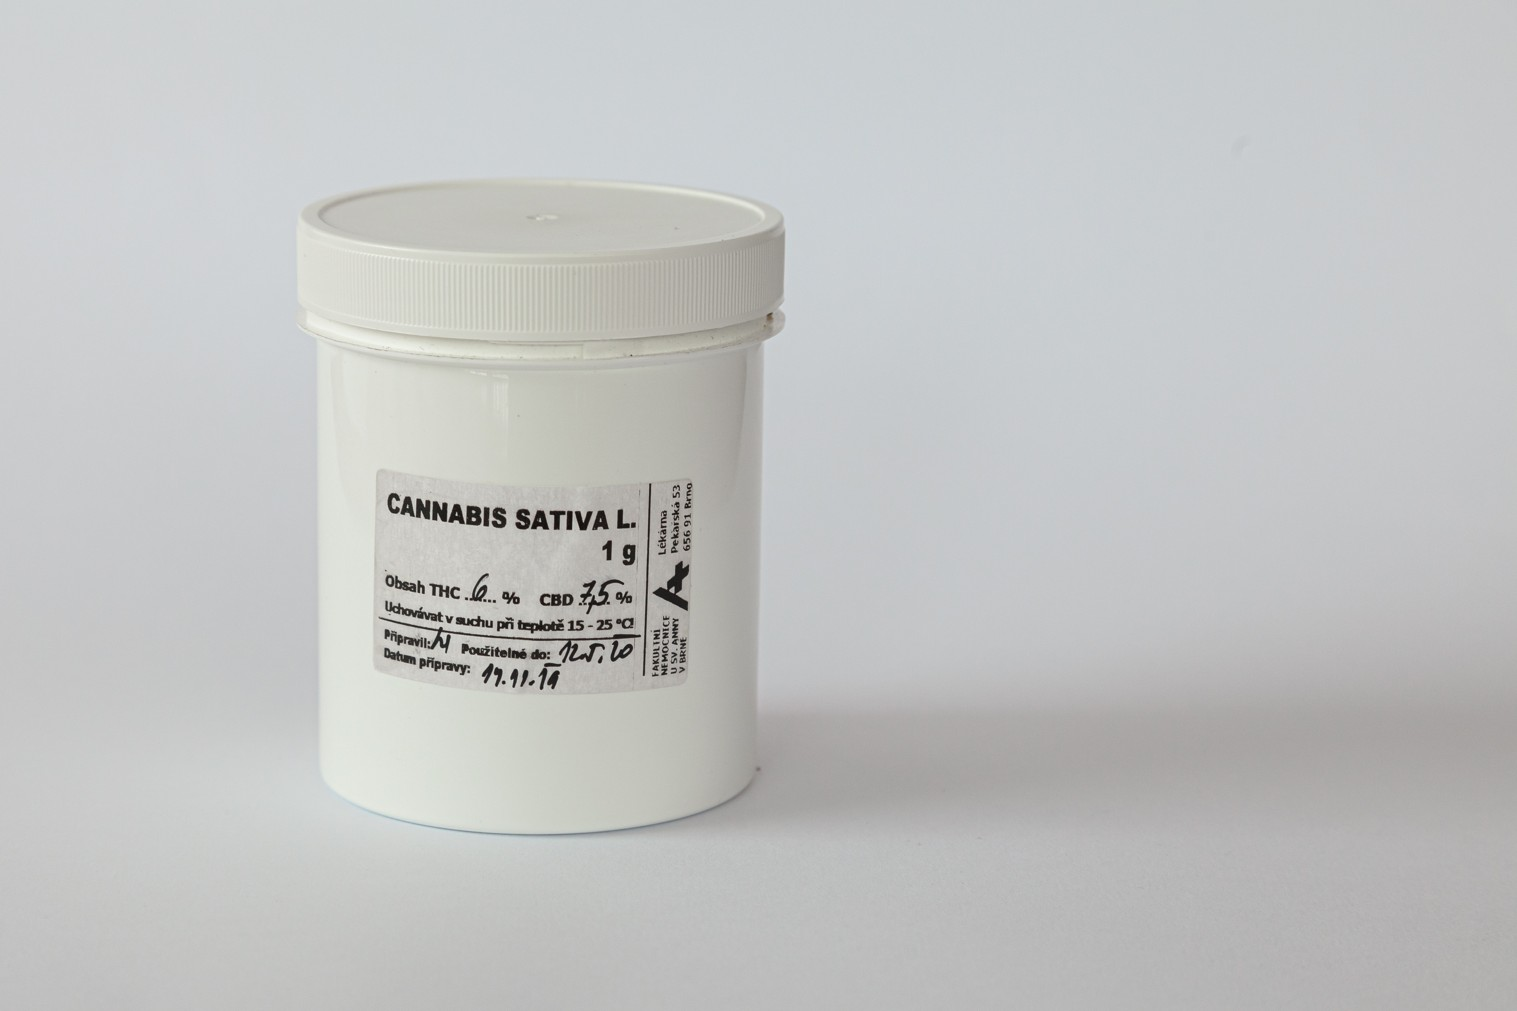 Krabička s léčebným konopím.